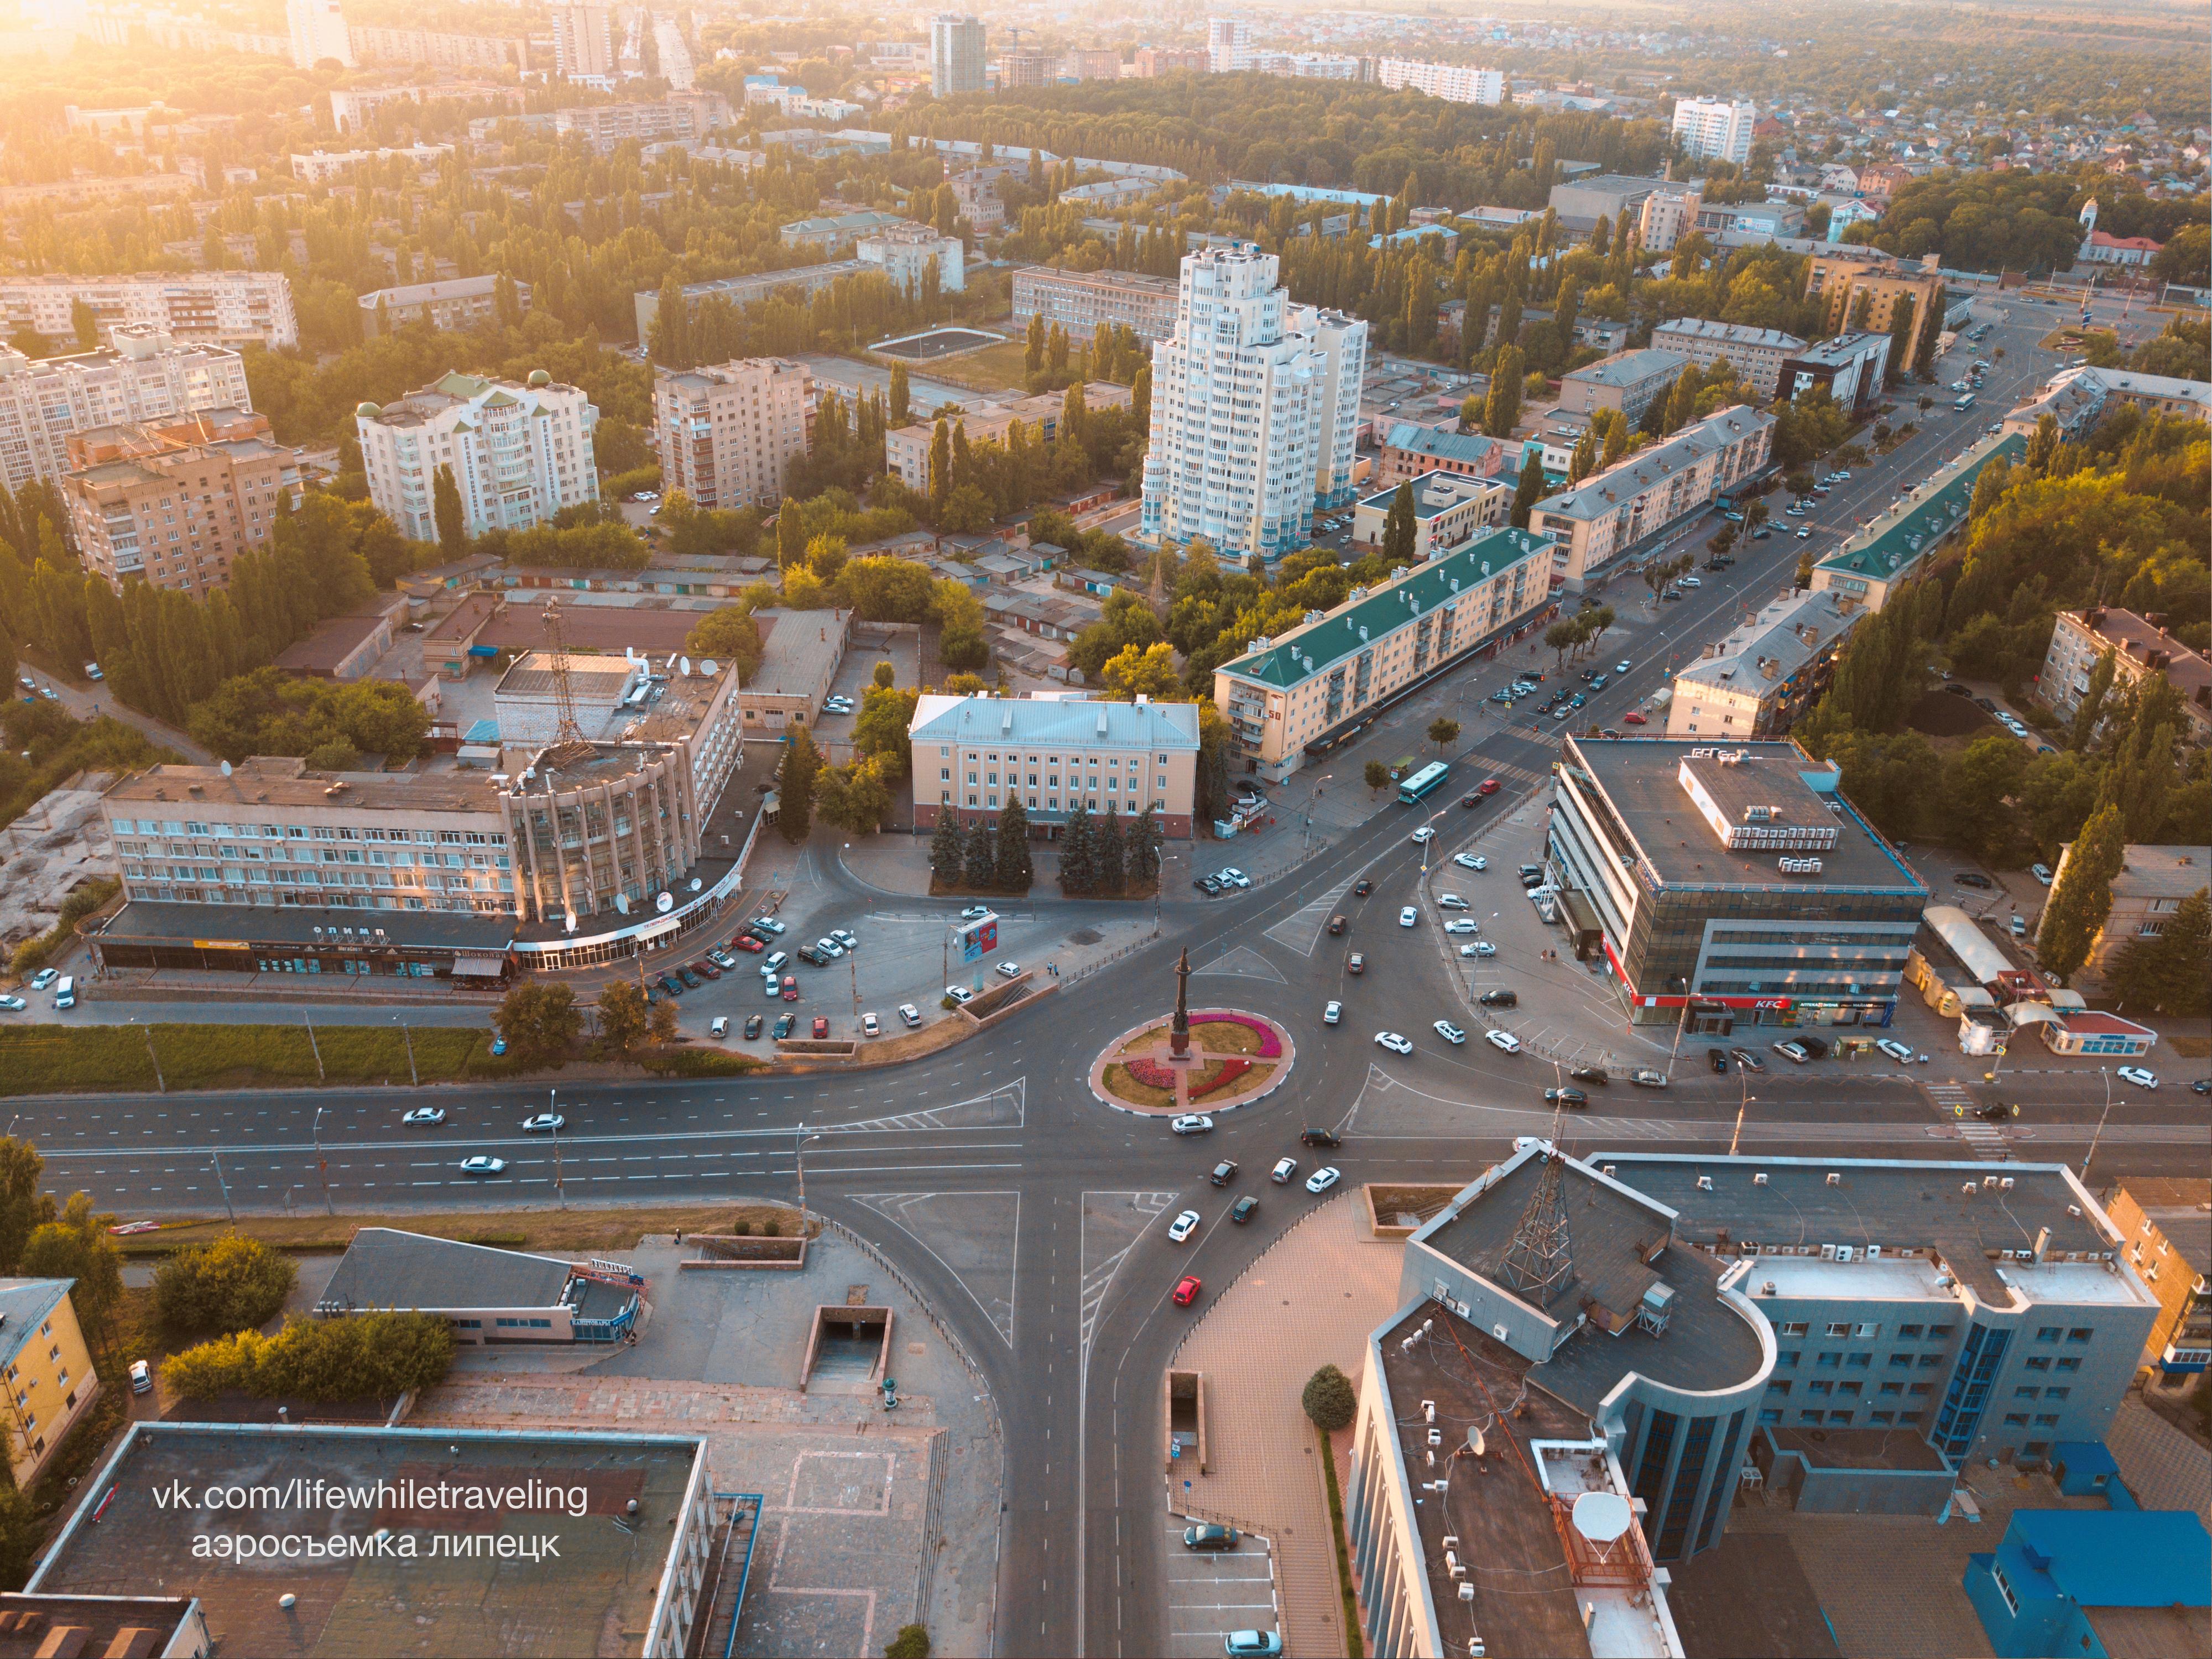 карта города липецка по фотографии амандой сейфрид про